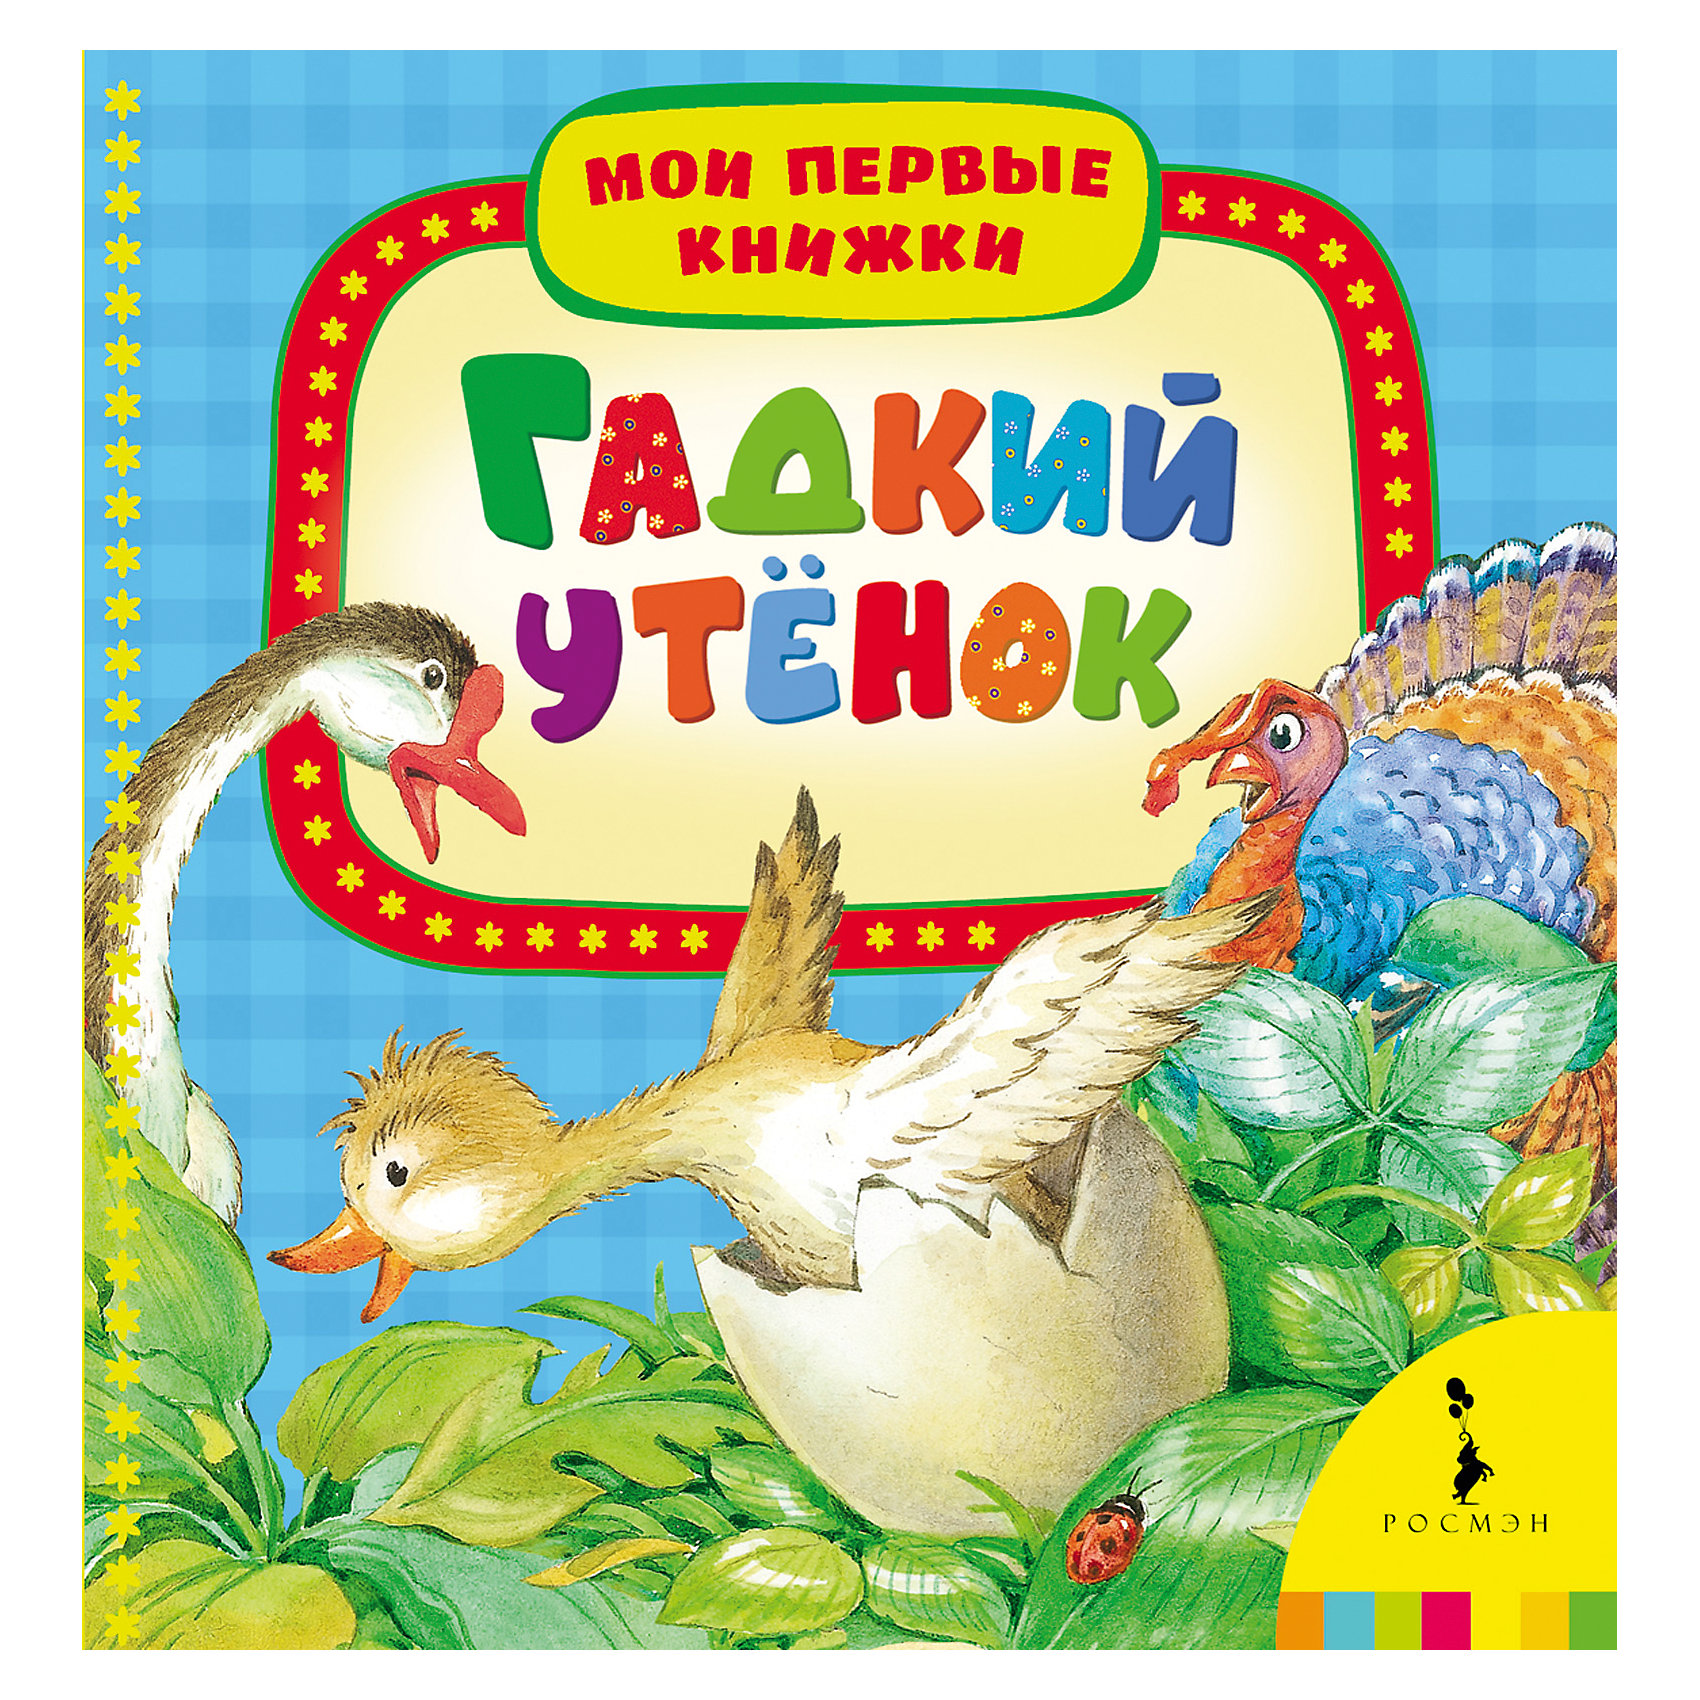 Гадкий утёнок (Мои первые книжки)Первые книги малыша<br>Характеристики товара:<br><br>- цвет: разноцветный;<br>- материал: бумага;<br>- страниц: 14;<br>- формат: 17 х 17 см;<br>- обложка: картон;<br>- возраст: от 1 года. <br><br>Издания серии Мои первые книжки - отличный способ занять ребенка! Эта красочная книга станет отличным подарком для родителей и малыша. Она содержит в себе известные сказки, которые так любят дети. Отличный способ привить малышу любовь к чтению! Удобный формат и плотные странички позволят брать книгу с собой в поездки.<br>Чтение и рассматривание картинок даже в юном возрасте помогает ребенку развивать память, концентрацию внимания и воображение. Издание произведено из качественных материалов, которые безопасны даже для самых маленьких.<br><br>Издание Гадкий утёнок, Мои первые книжки от компании Росмэн можно купить в нашем интернет-магазине.<br><br>Ширина мм: 165<br>Глубина мм: 165<br>Высота мм: 20<br>Вес г: 344<br>Возраст от месяцев: 0<br>Возраст до месяцев: 36<br>Пол: Унисекс<br>Возраст: Детский<br>SKU: 5110290